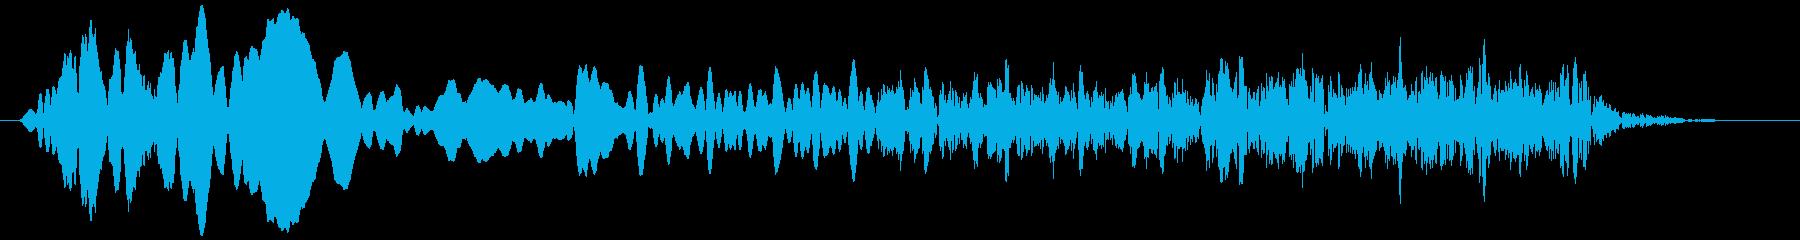 トンビ(トビ、鳶) ピーヒョロロロ 短めの再生済みの波形